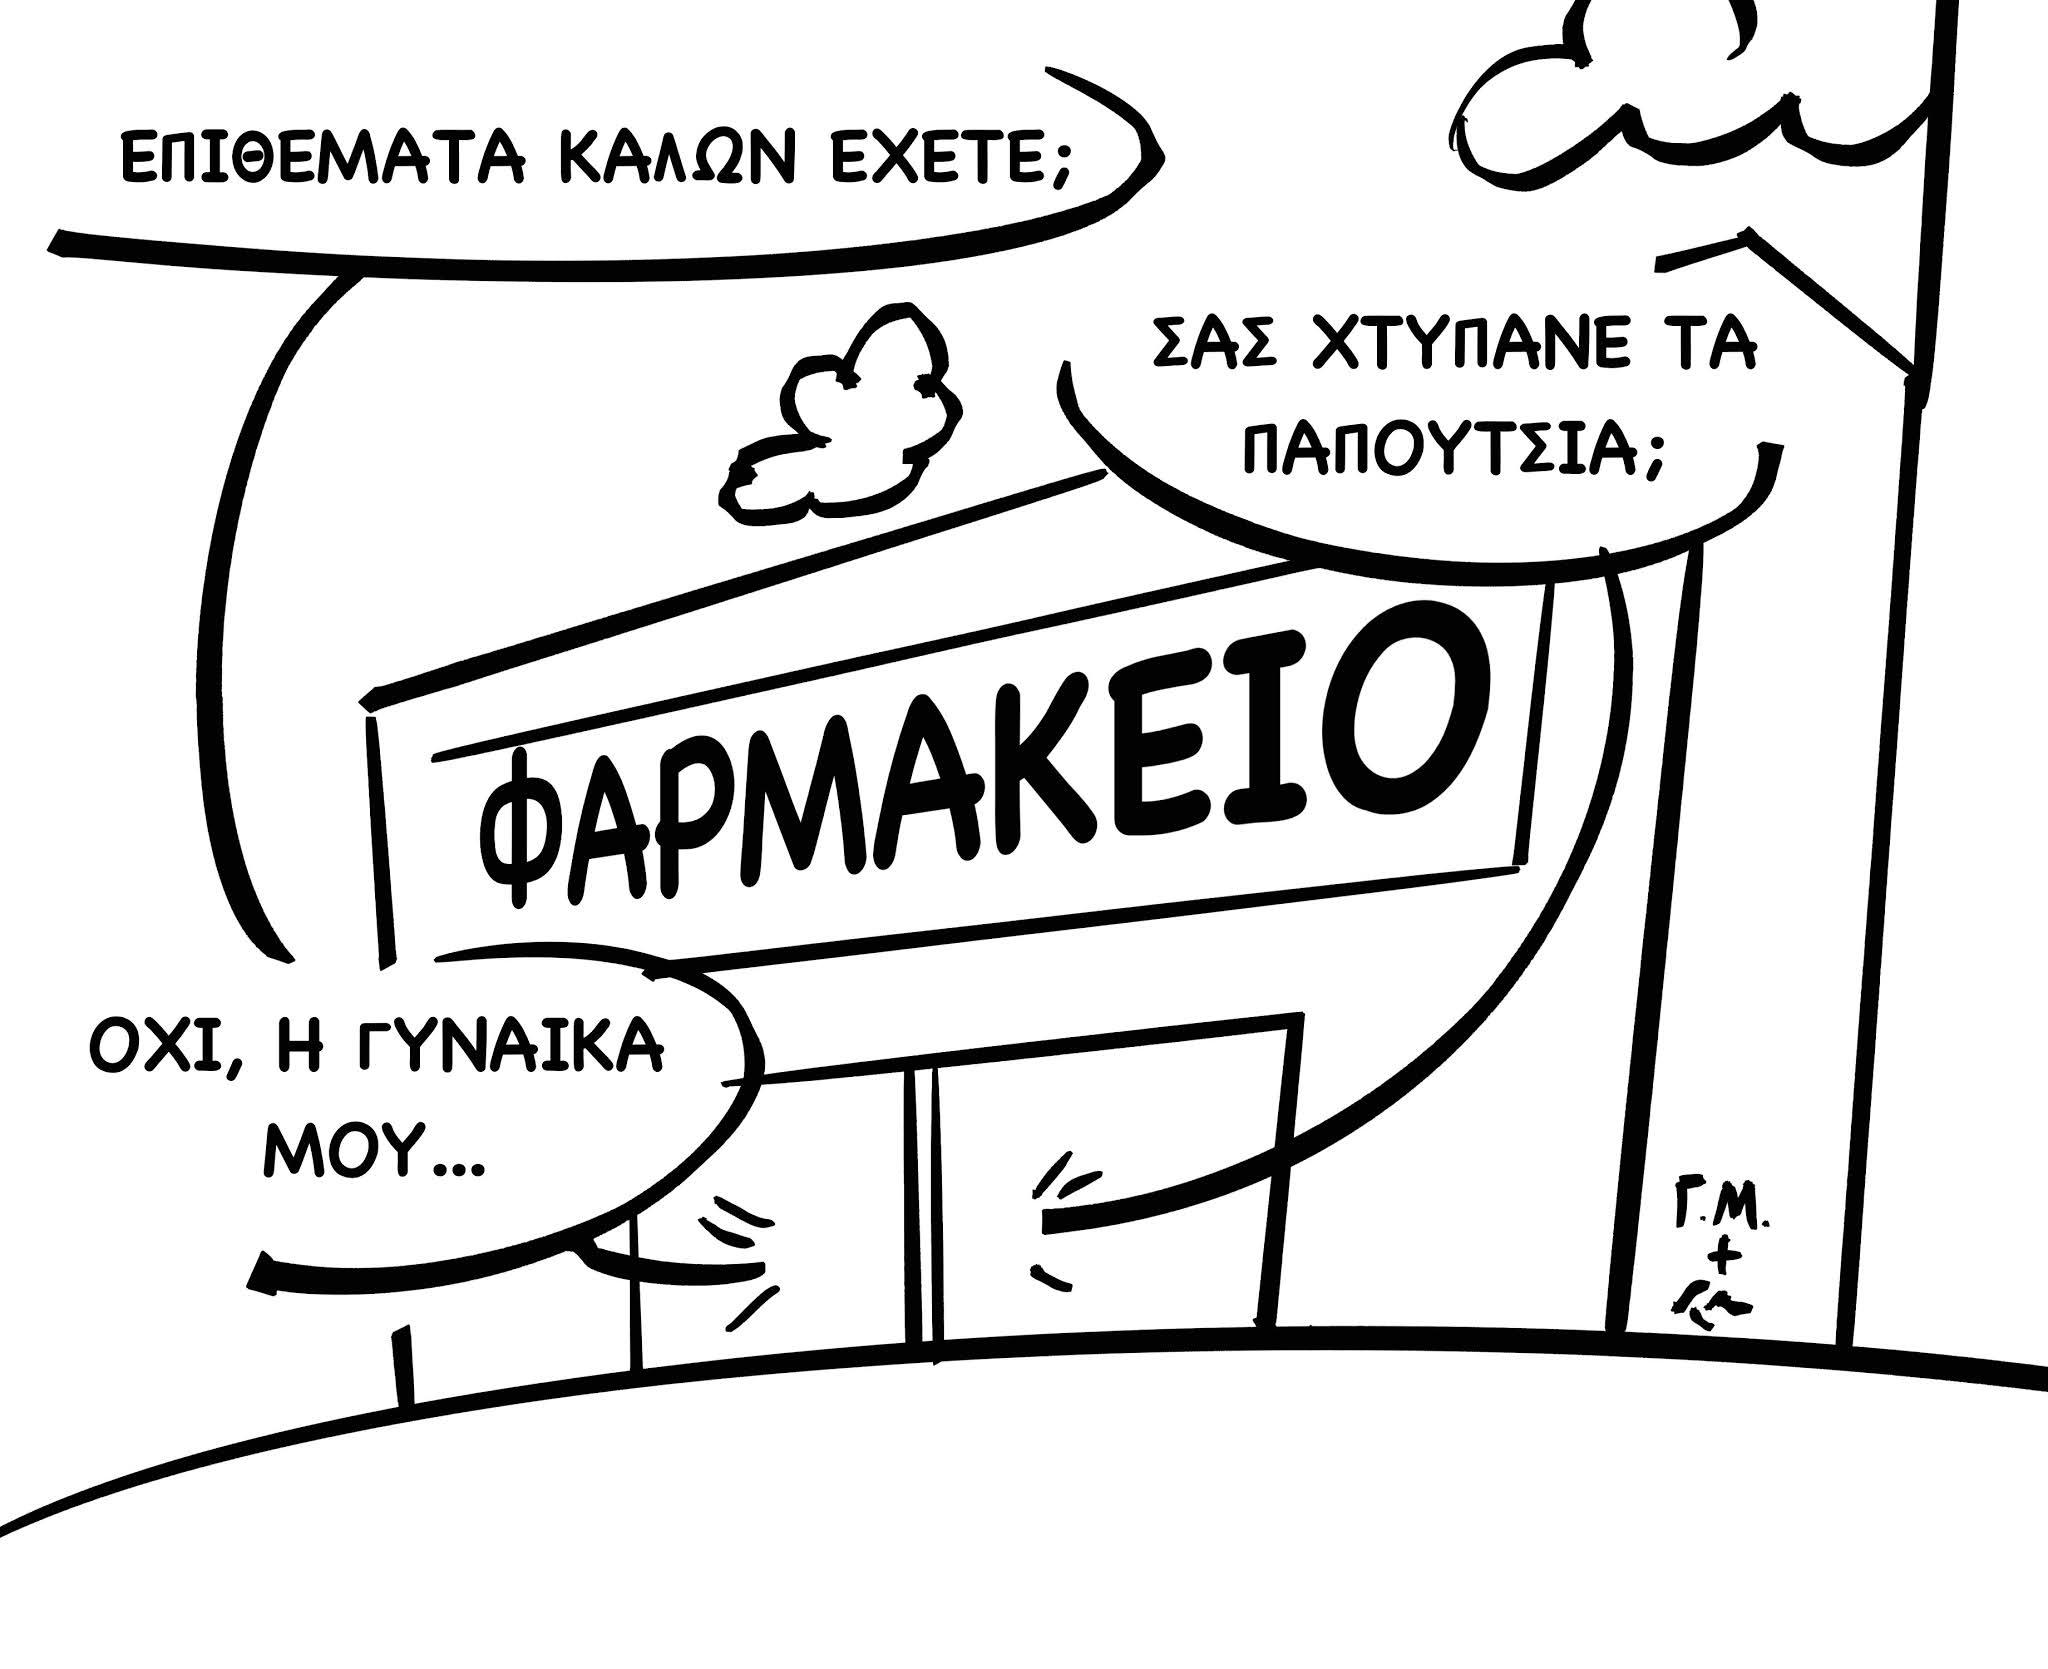 """Το XanthiNea.gr παρουσιάζει τη στήλη """"Το σκίτσο της εβδομάδας"""" με σατιρικά σκίτσα που επιμελούνται ο εικονογράφος Νίκος Πολυχρονόπουλος και ο δημοσιογράφος Γιώργος Μαυρίδης. Εικονογράφηση: Νίκος Πολυχρονόπουλος (https://www.instagram.com/nikpolych/ - nikpolych@gmail.com)  Κείμενο: Γιώργος Μαυρίδης"""